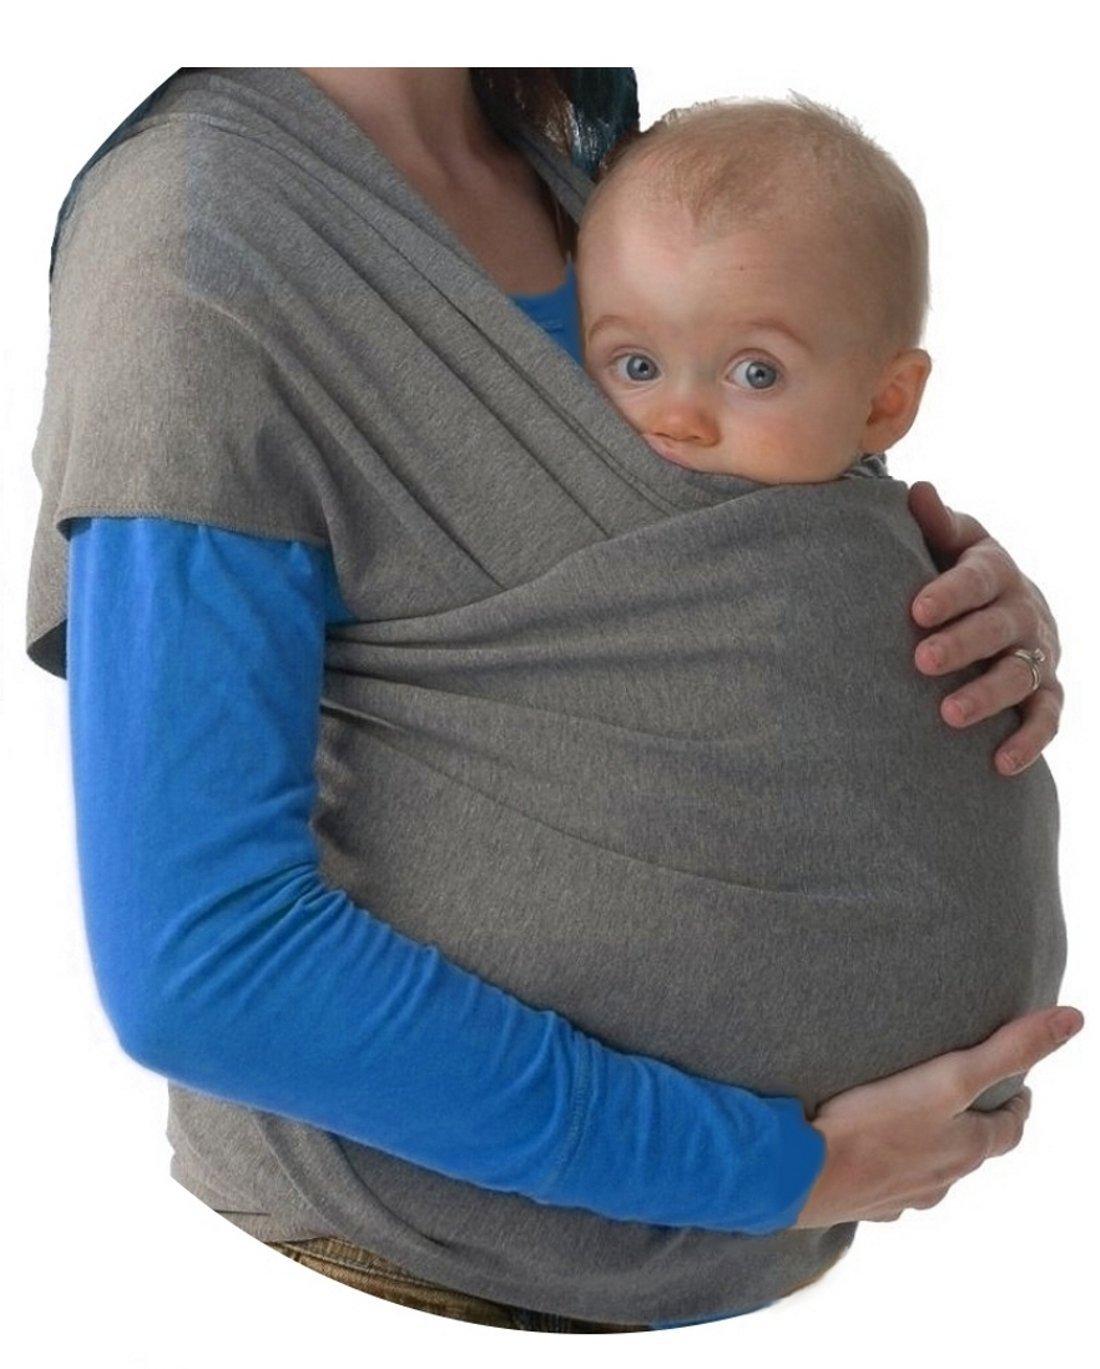 Fular portabebés elastico para llevar al bebé | fulares para hombre y mujer | Lleve a